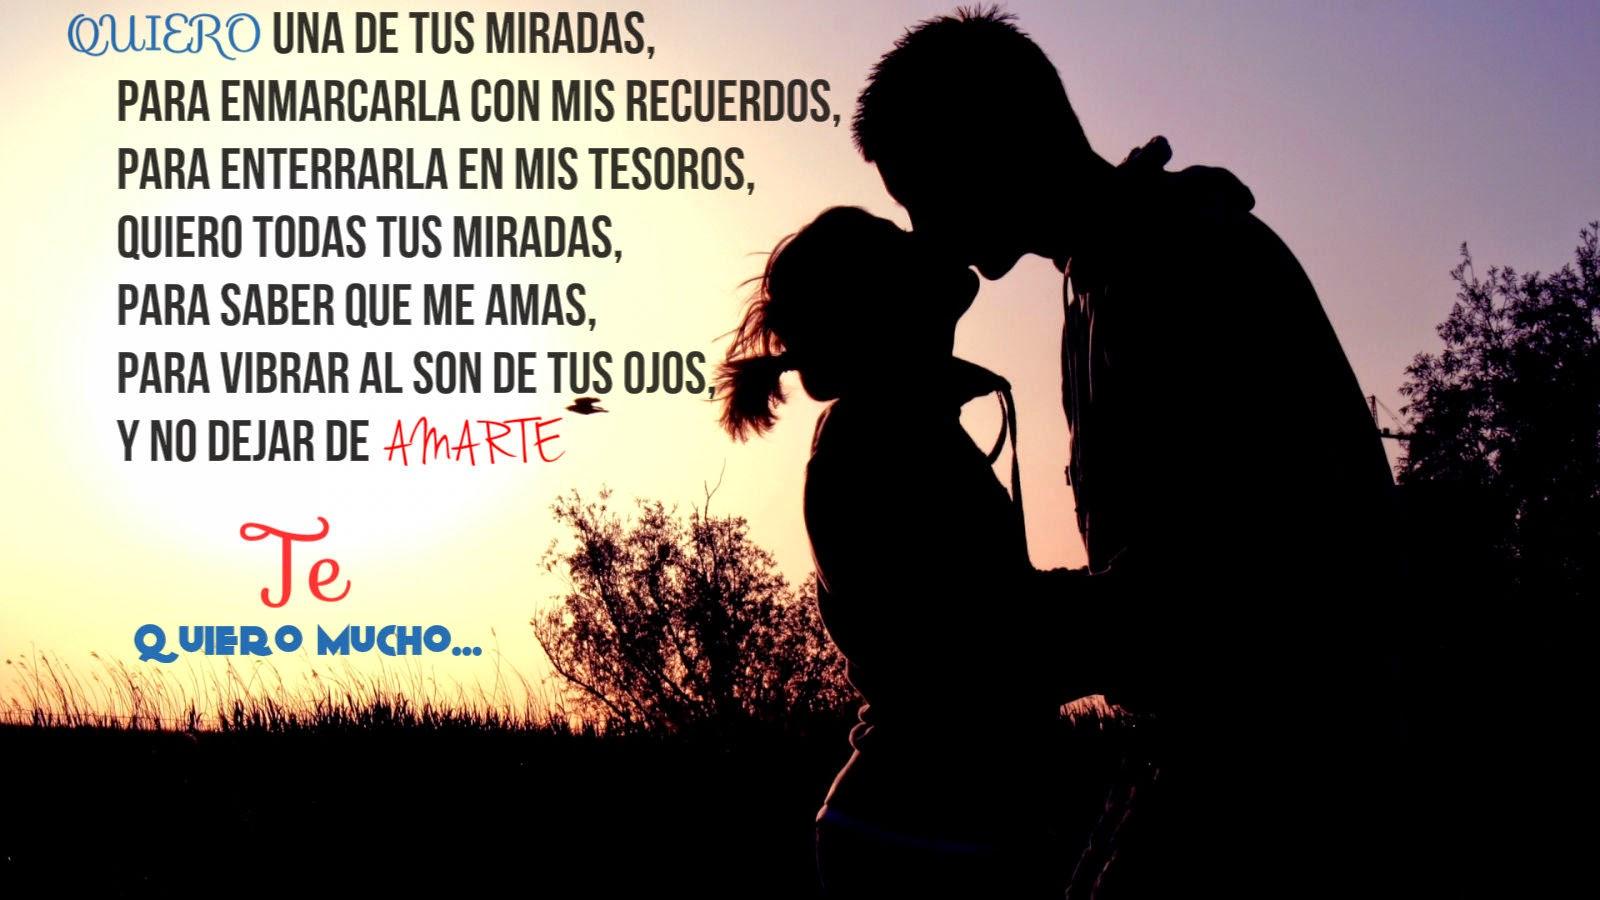 Imagenes de amor con Frases para dedicar Mensajes lindos de amor para mi novio